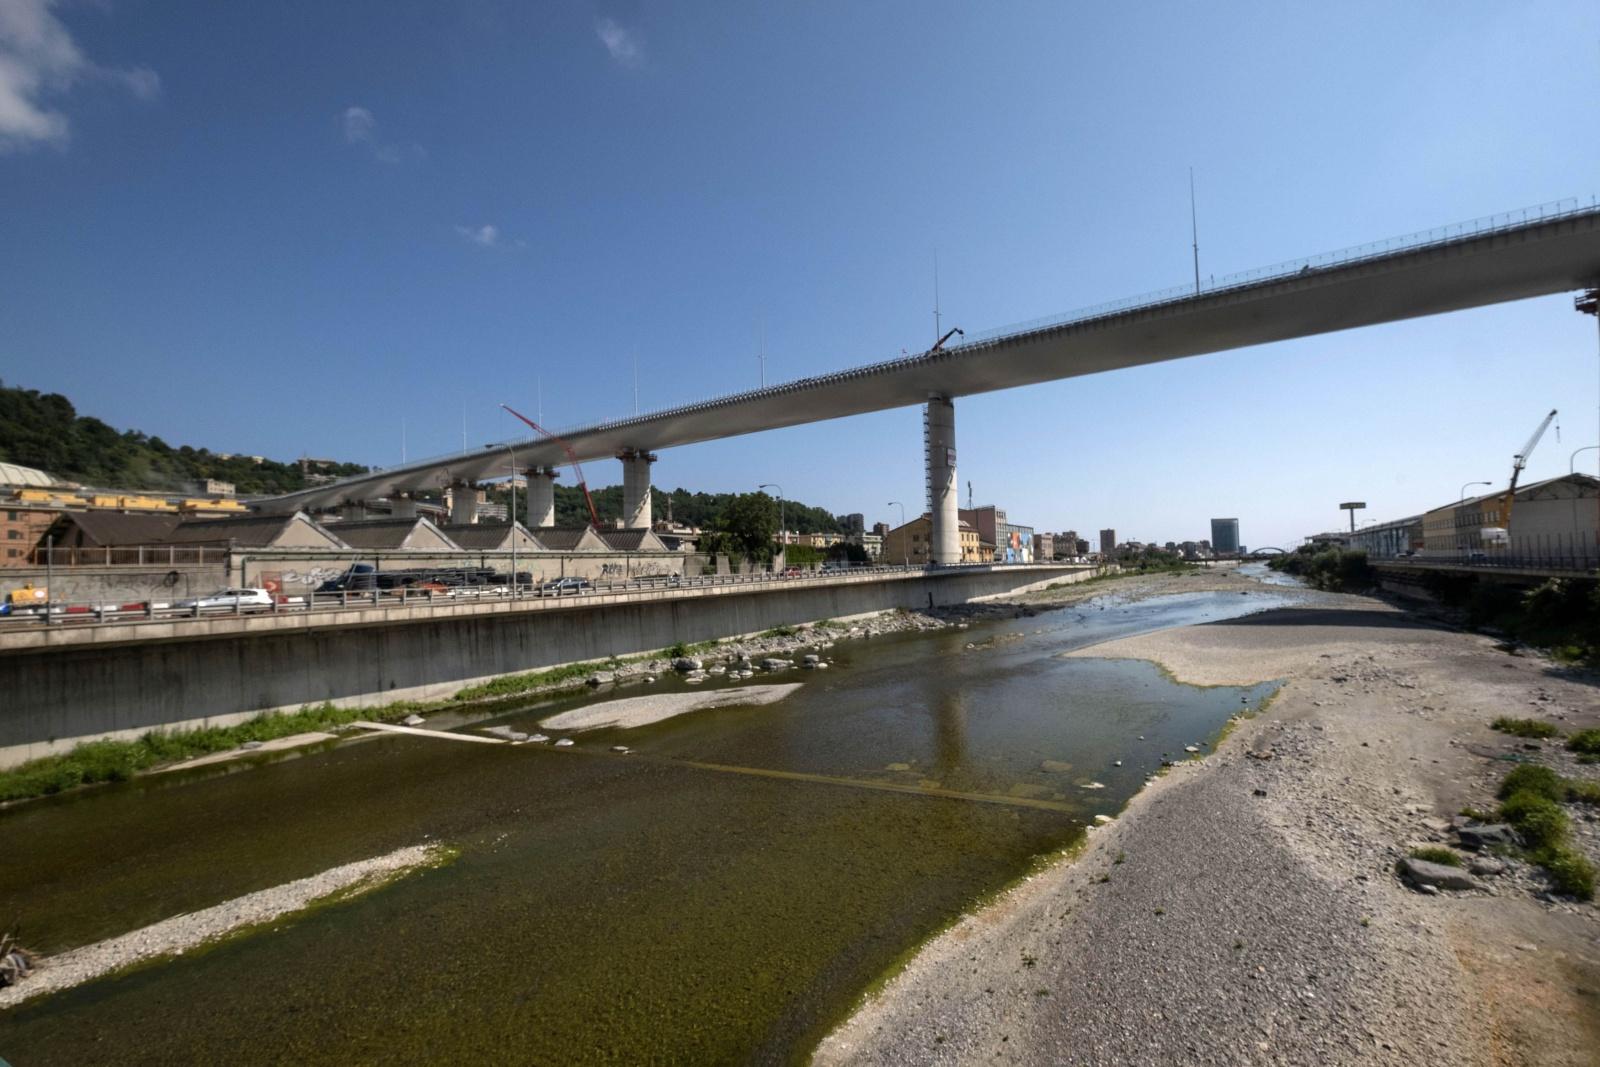 Genova, il nuovo ponte san Giorgio progettato da Renzo Piano costruito dopo il crollo del Morandi il 14 agosto del 2018 sul fiume Polcevera